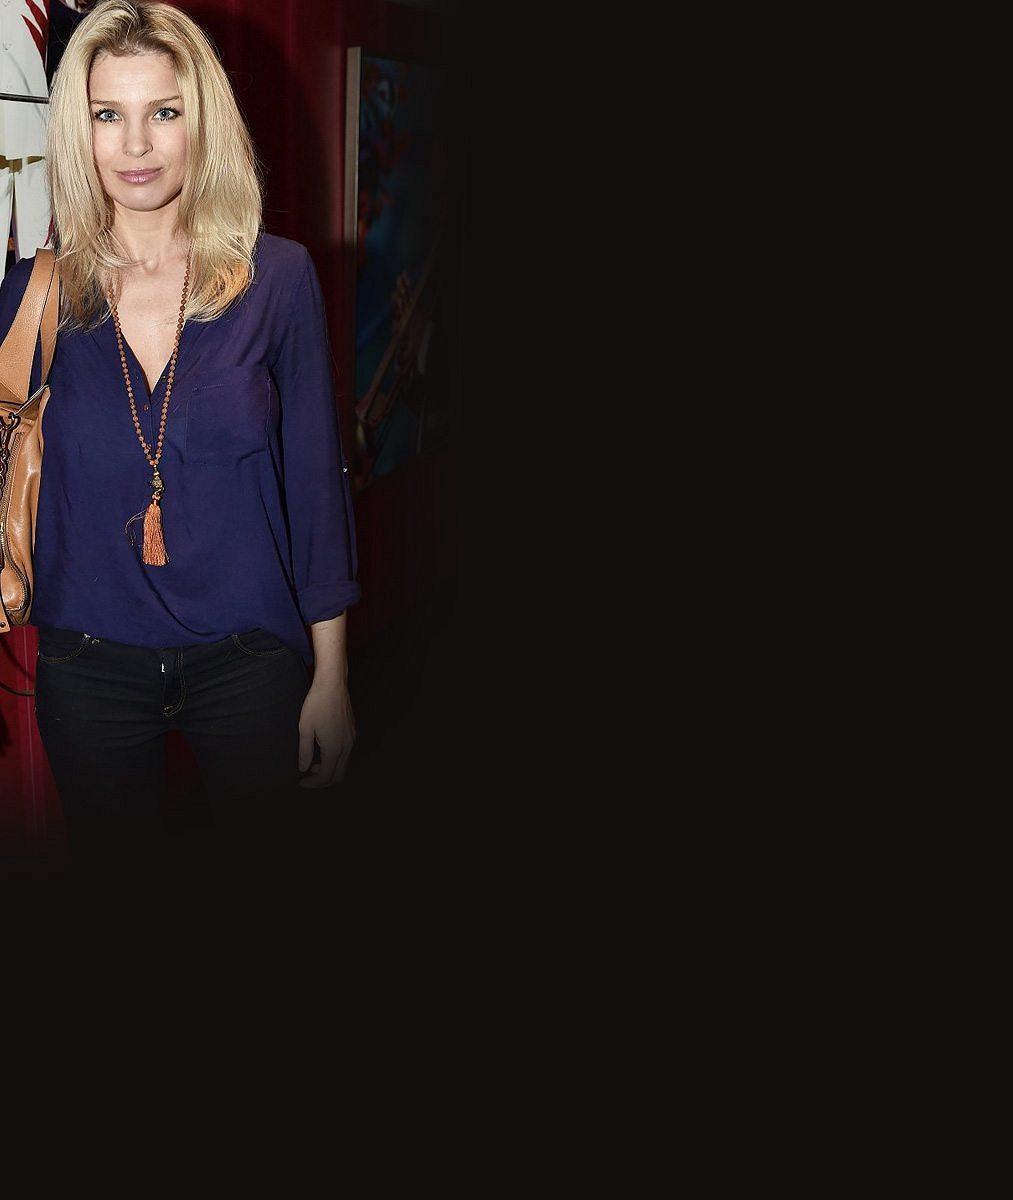 Bývalá rosnička a hvězda obrazovek: Sexy blondýnka s věkem neztrácí nic ze své krásy